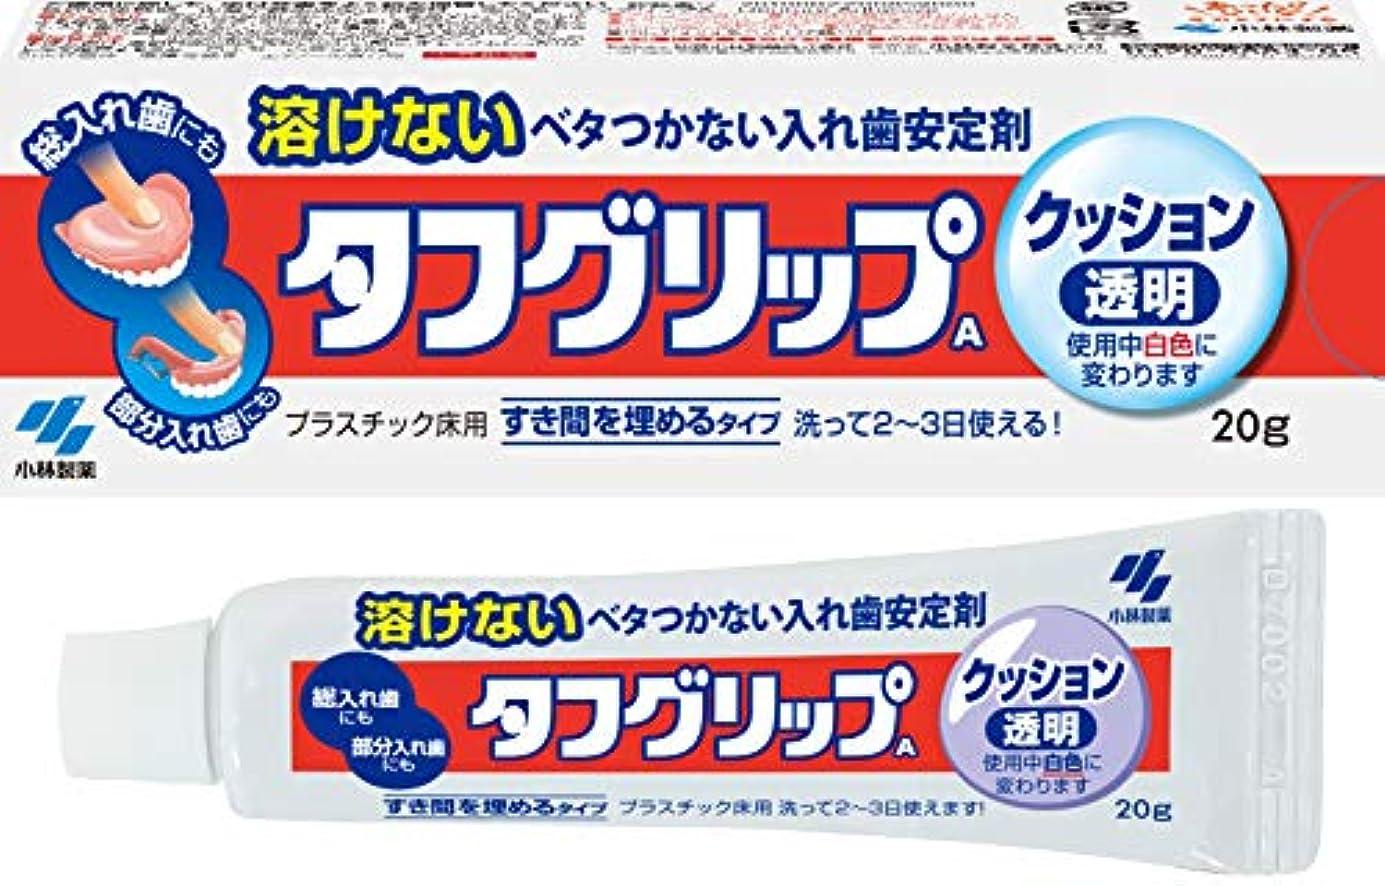 羊のレーニン主義浮浪者タフグリップクッション 透明 入れ歯安定剤(総入れ歯?部分入れ歯) 20g